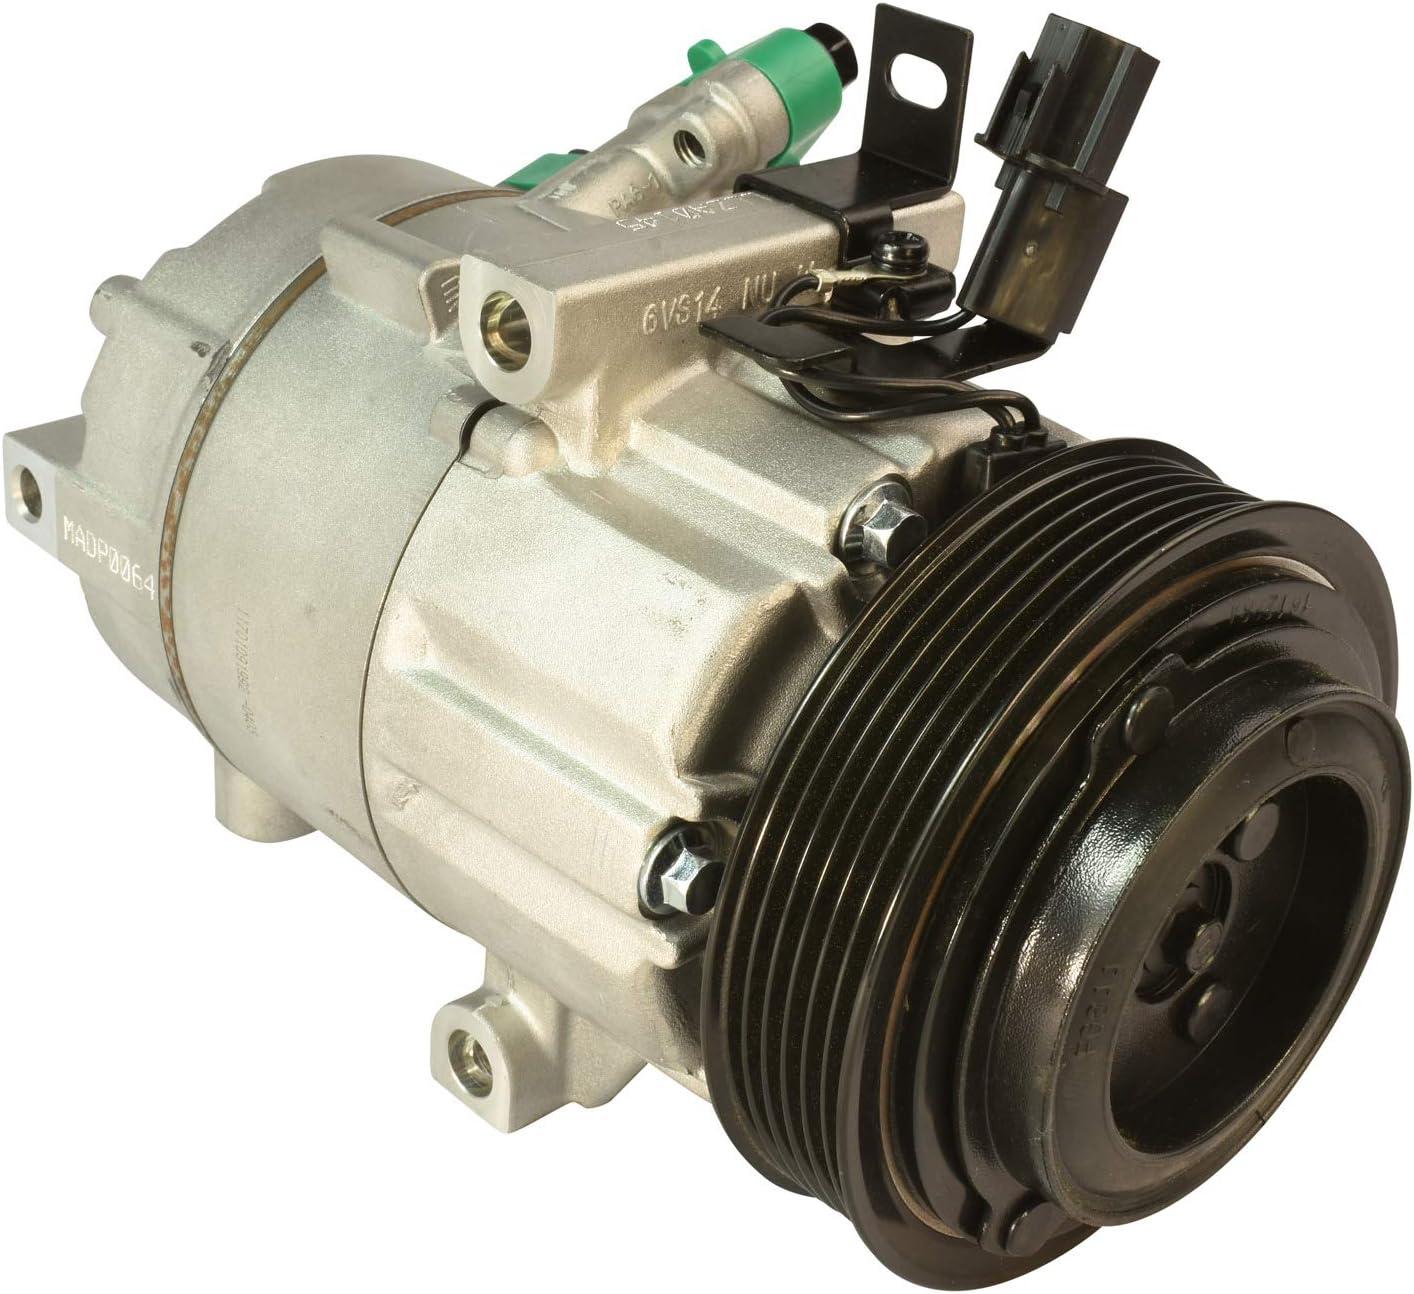 New Mando 10A1421 AC Compressor Ranking TOP2 Sale special price with Clutch Original Equipment